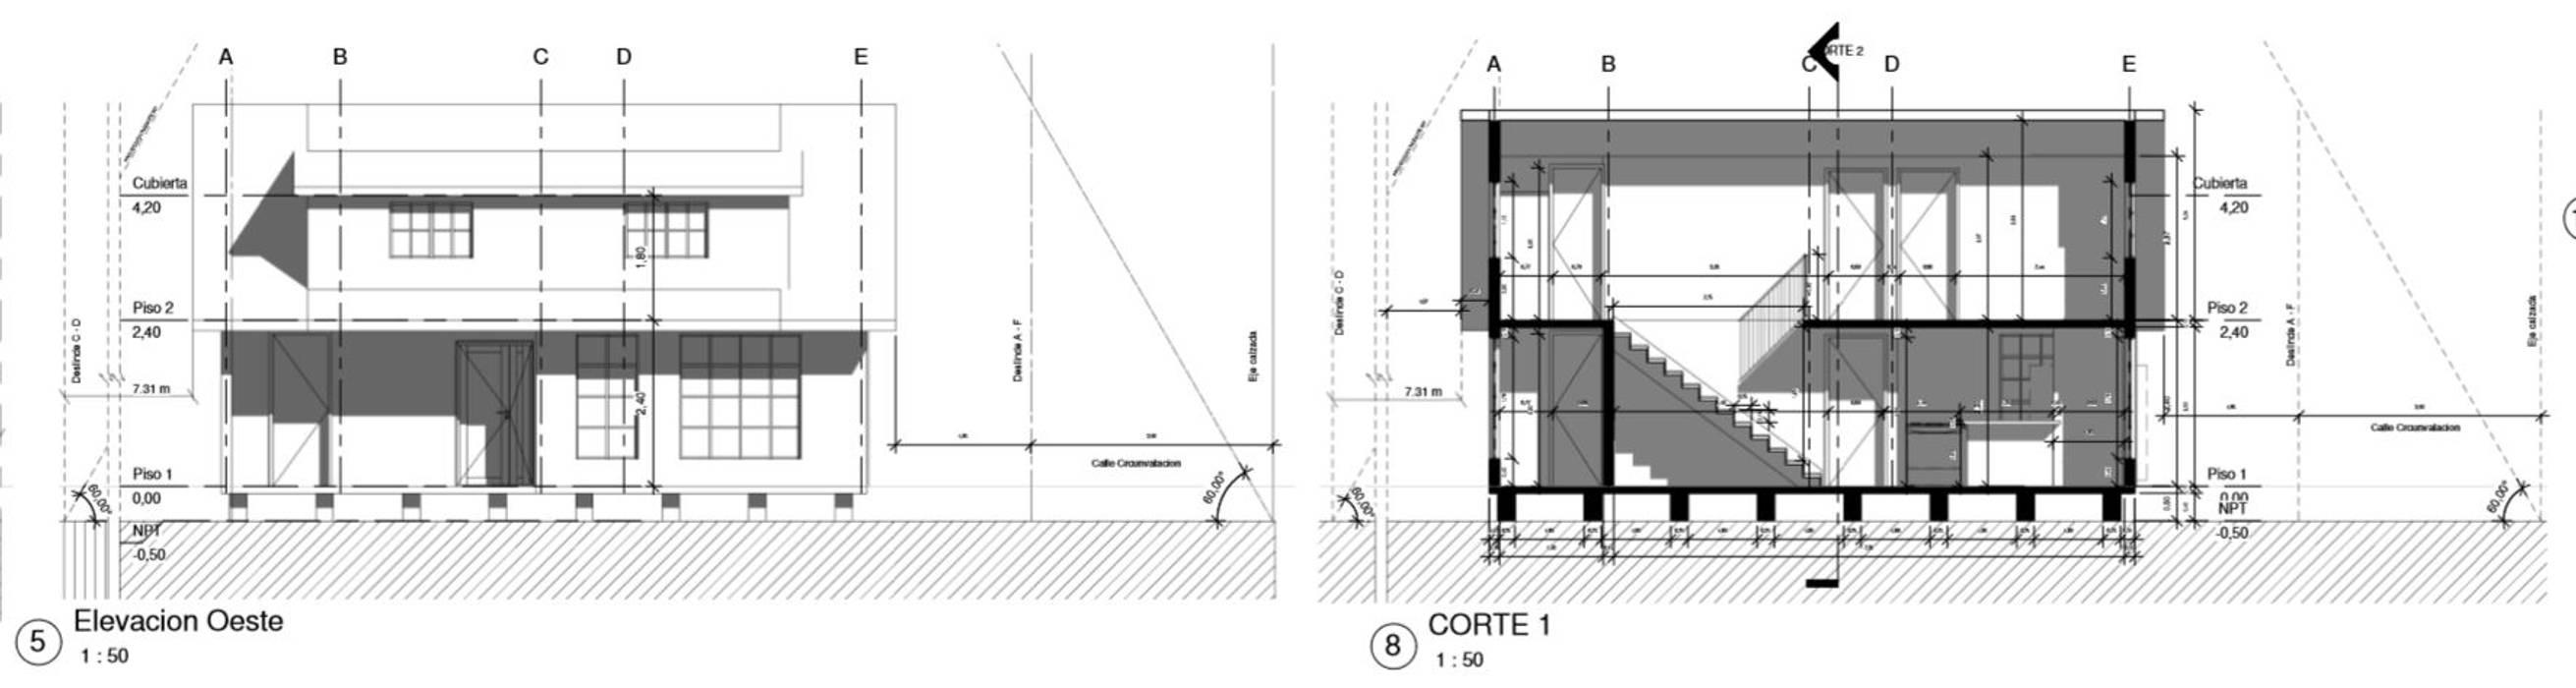 Corte y Elevacion de CR.3D Modeling & Rendering Rural Madera Acabado en madera